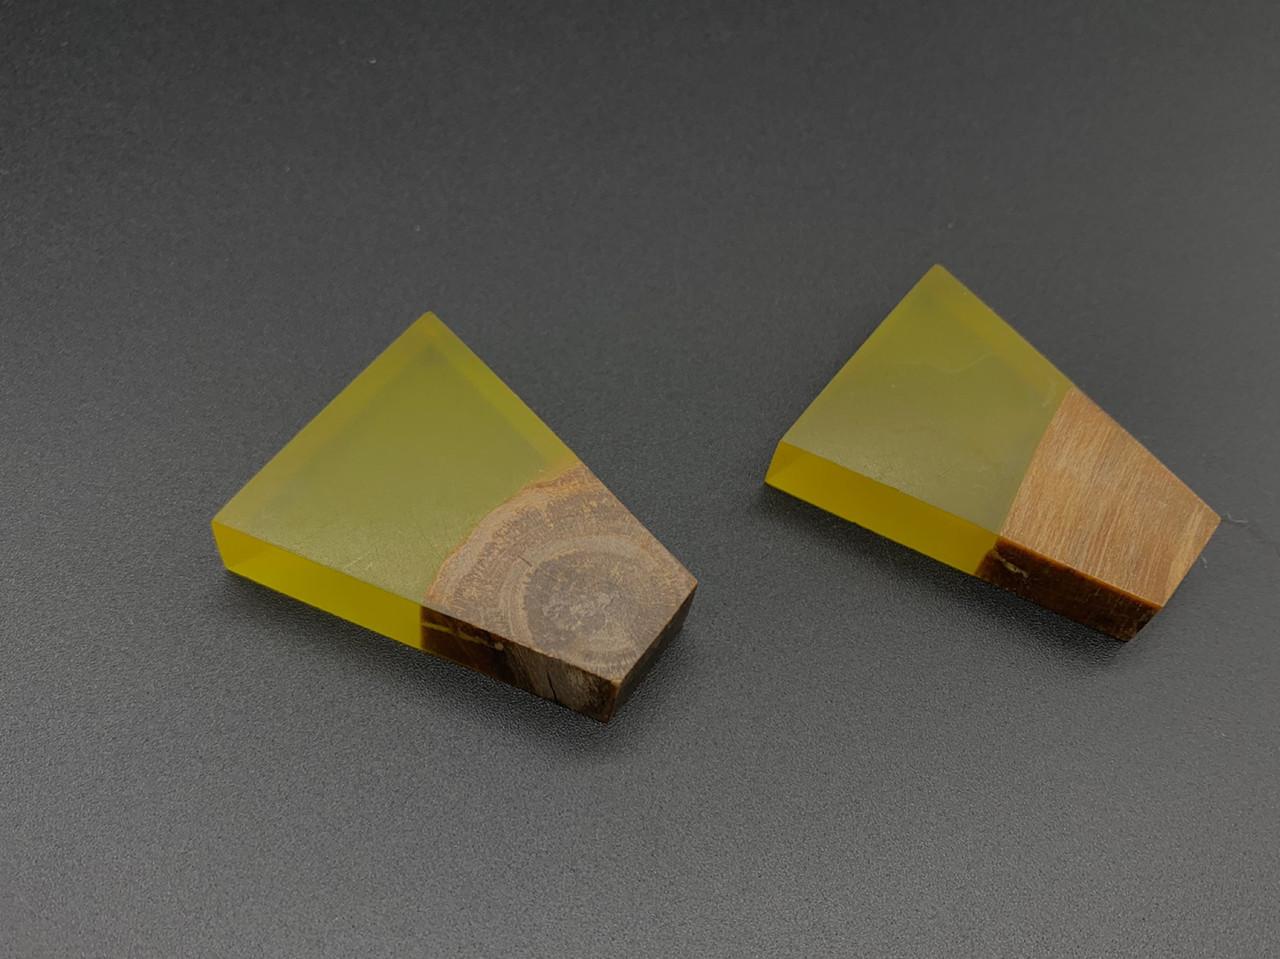 Эпоксидные подвески с деревом. Цвет желтый. 45х35мм